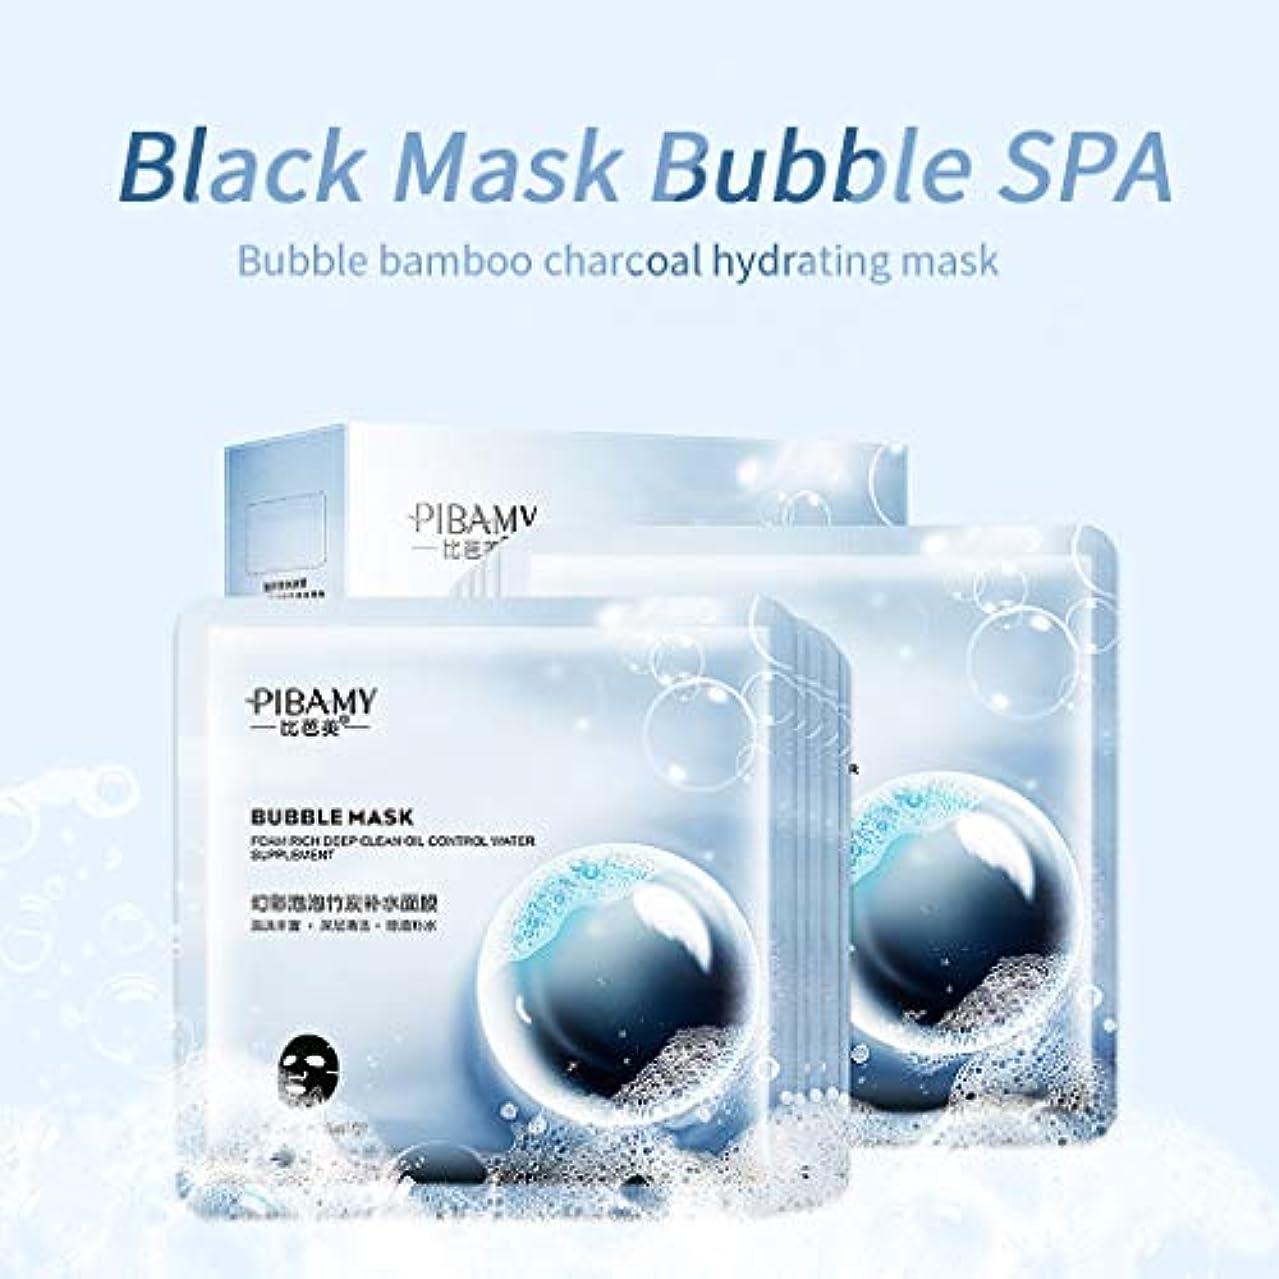 牛肉気分増幅するフェイシャルマスク 清潔なマスク Tik Tokの人気商品 Pibayy竹炭息酸素泡クレンジングマスク 解毒酸素バブルマスク保湿ブラックマスクホワイトニングフェイシャルケア ディープクリーニング 脂性肌や毛穴の詰まりに適しています 10個 (ホワイト)